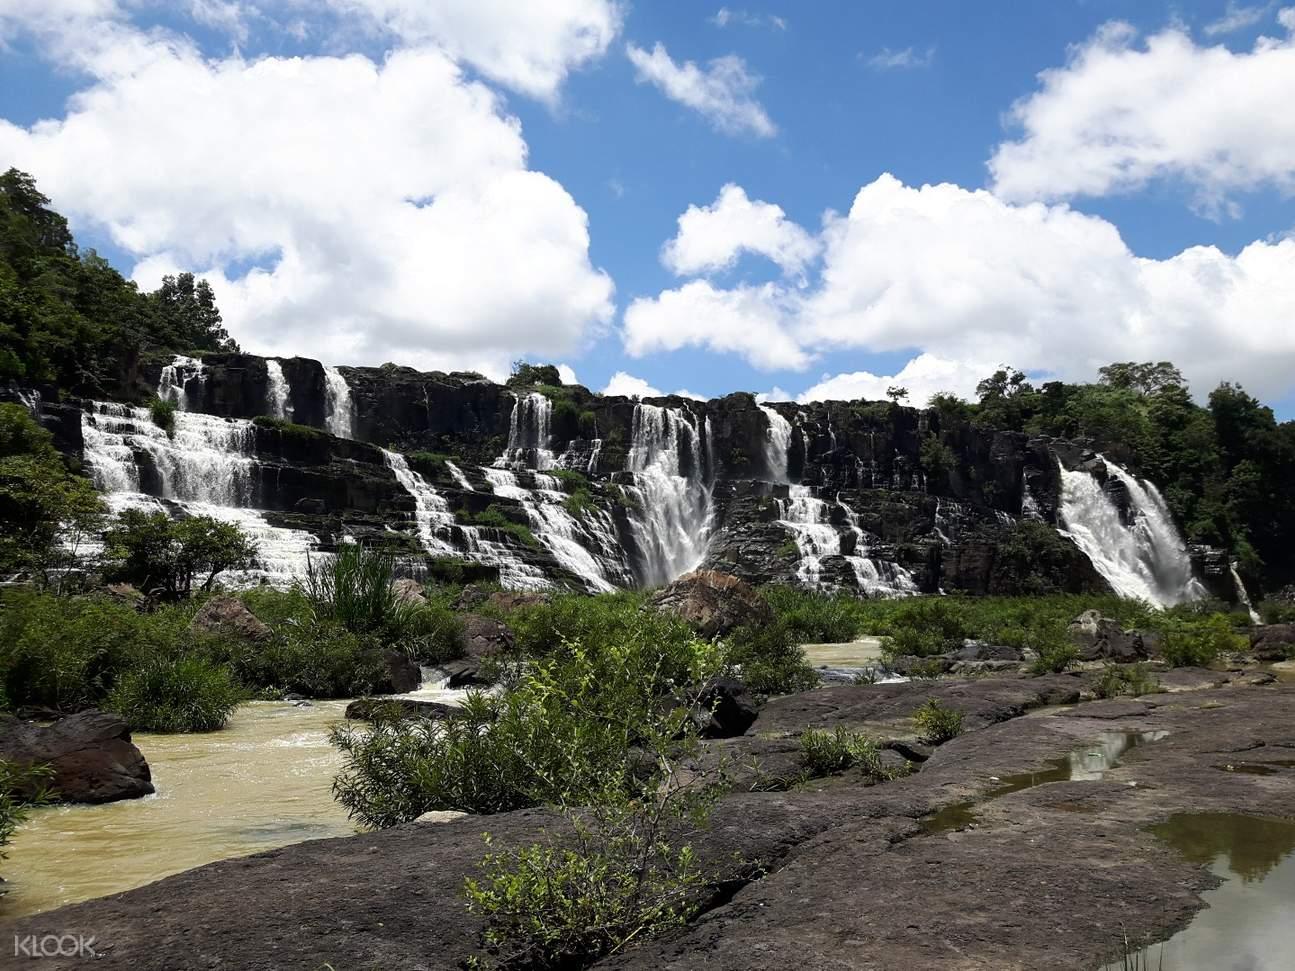 越南 林同 庞卡尔瀑布